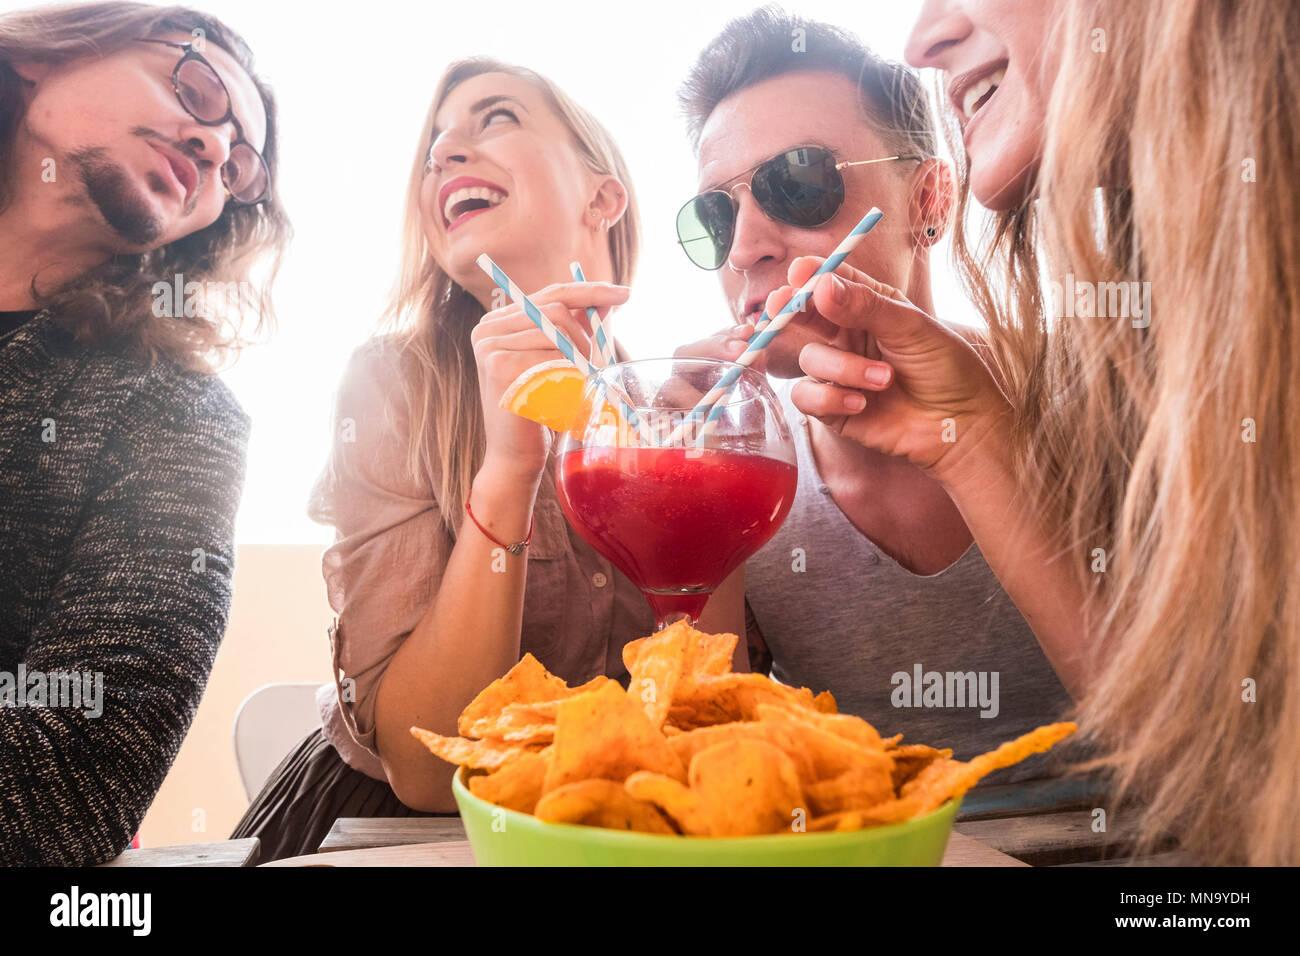 Vier Männer und Frauen gemeinsam Spaß haben Freundschaft trinken alle mit dem gleichen Glas Vase mit rot orange Früchte. Party time mit klaren Hintergrund für Youn Stockbild